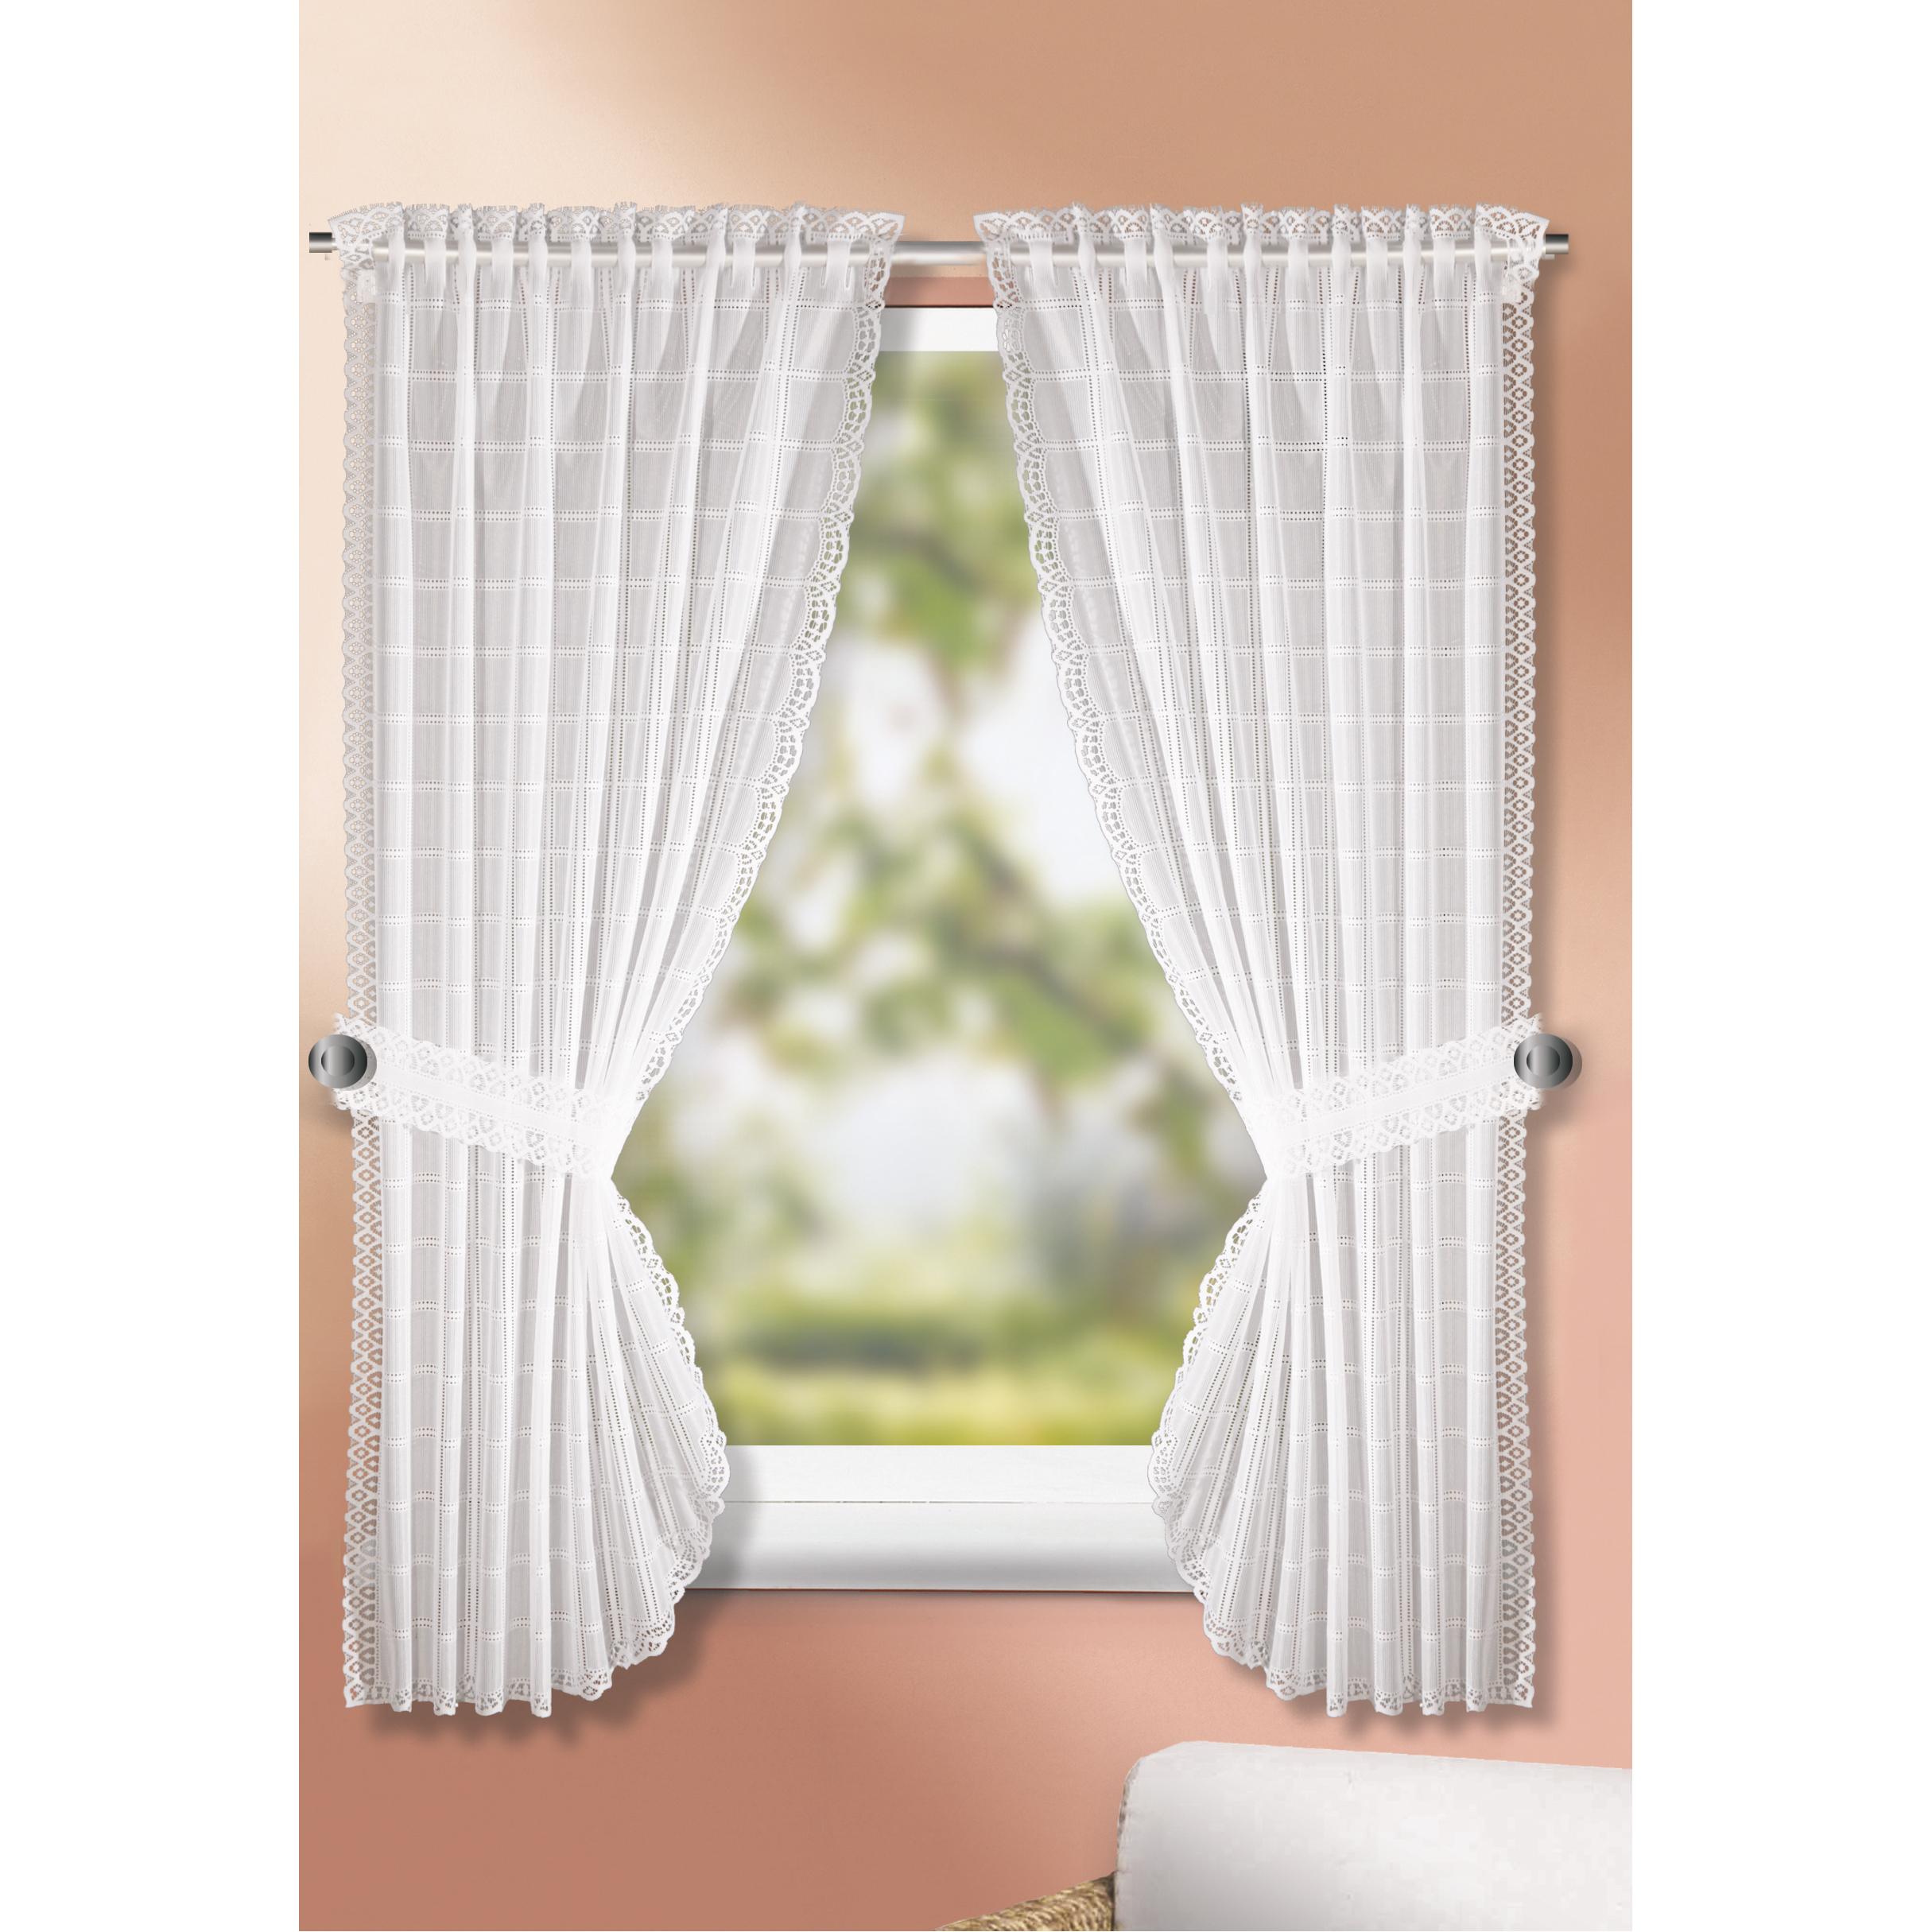 Landhausgardinen-Set - weiß - 90x160 cm